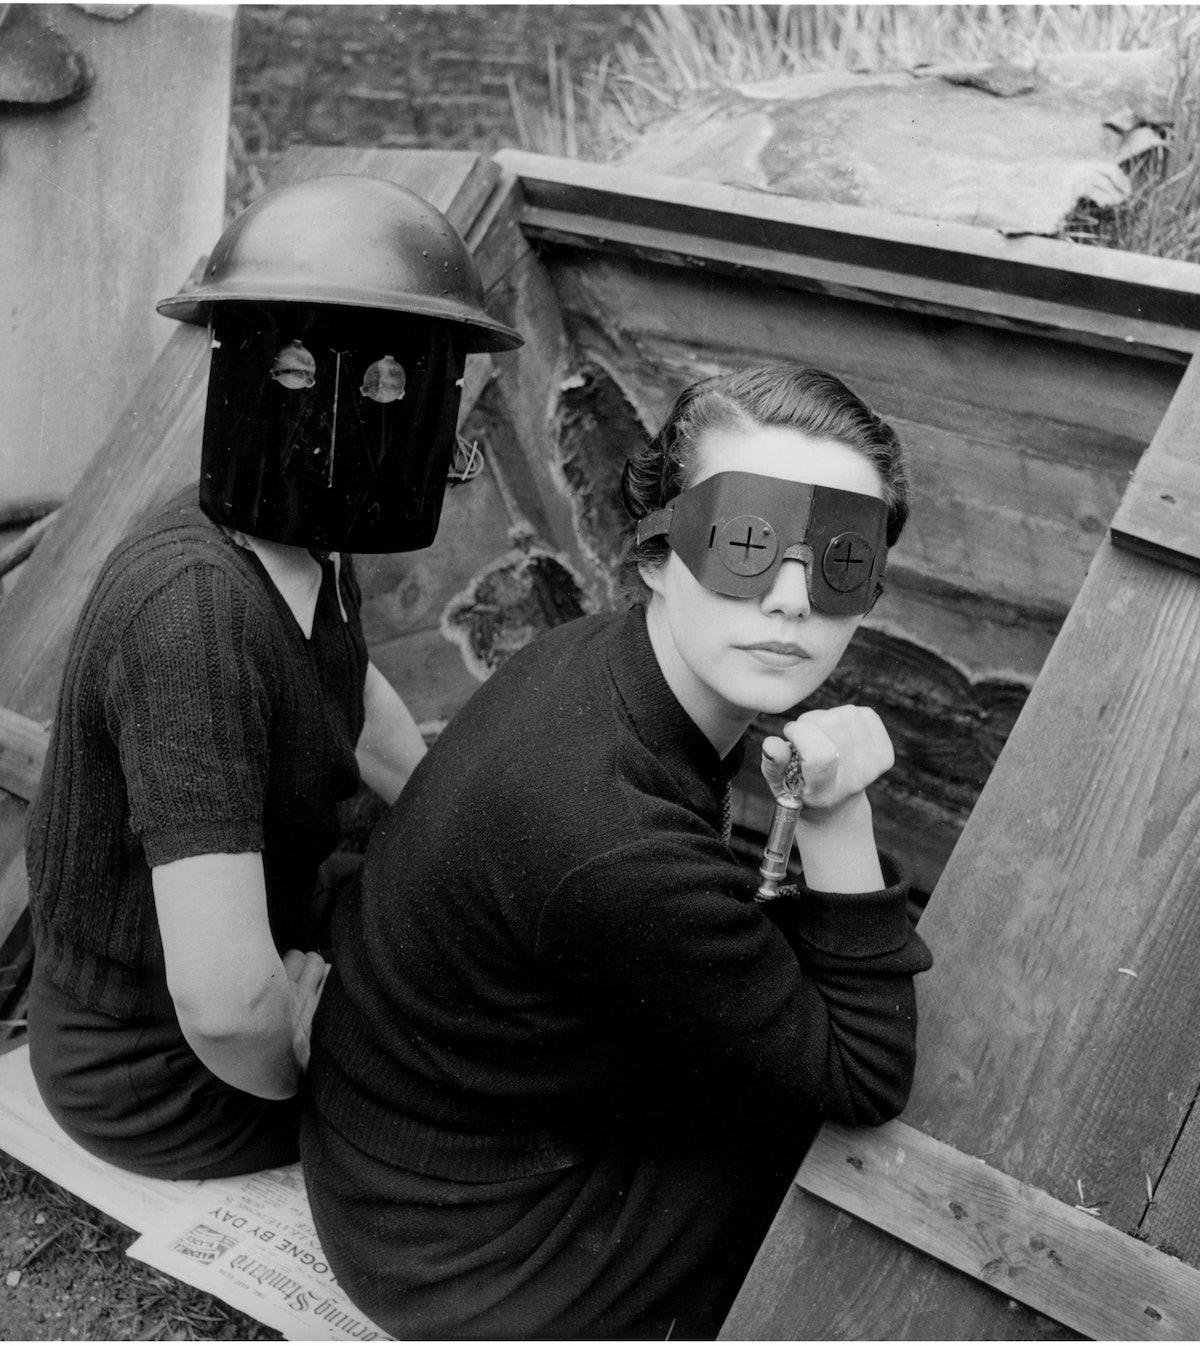 Lee Miller's Fire Masks